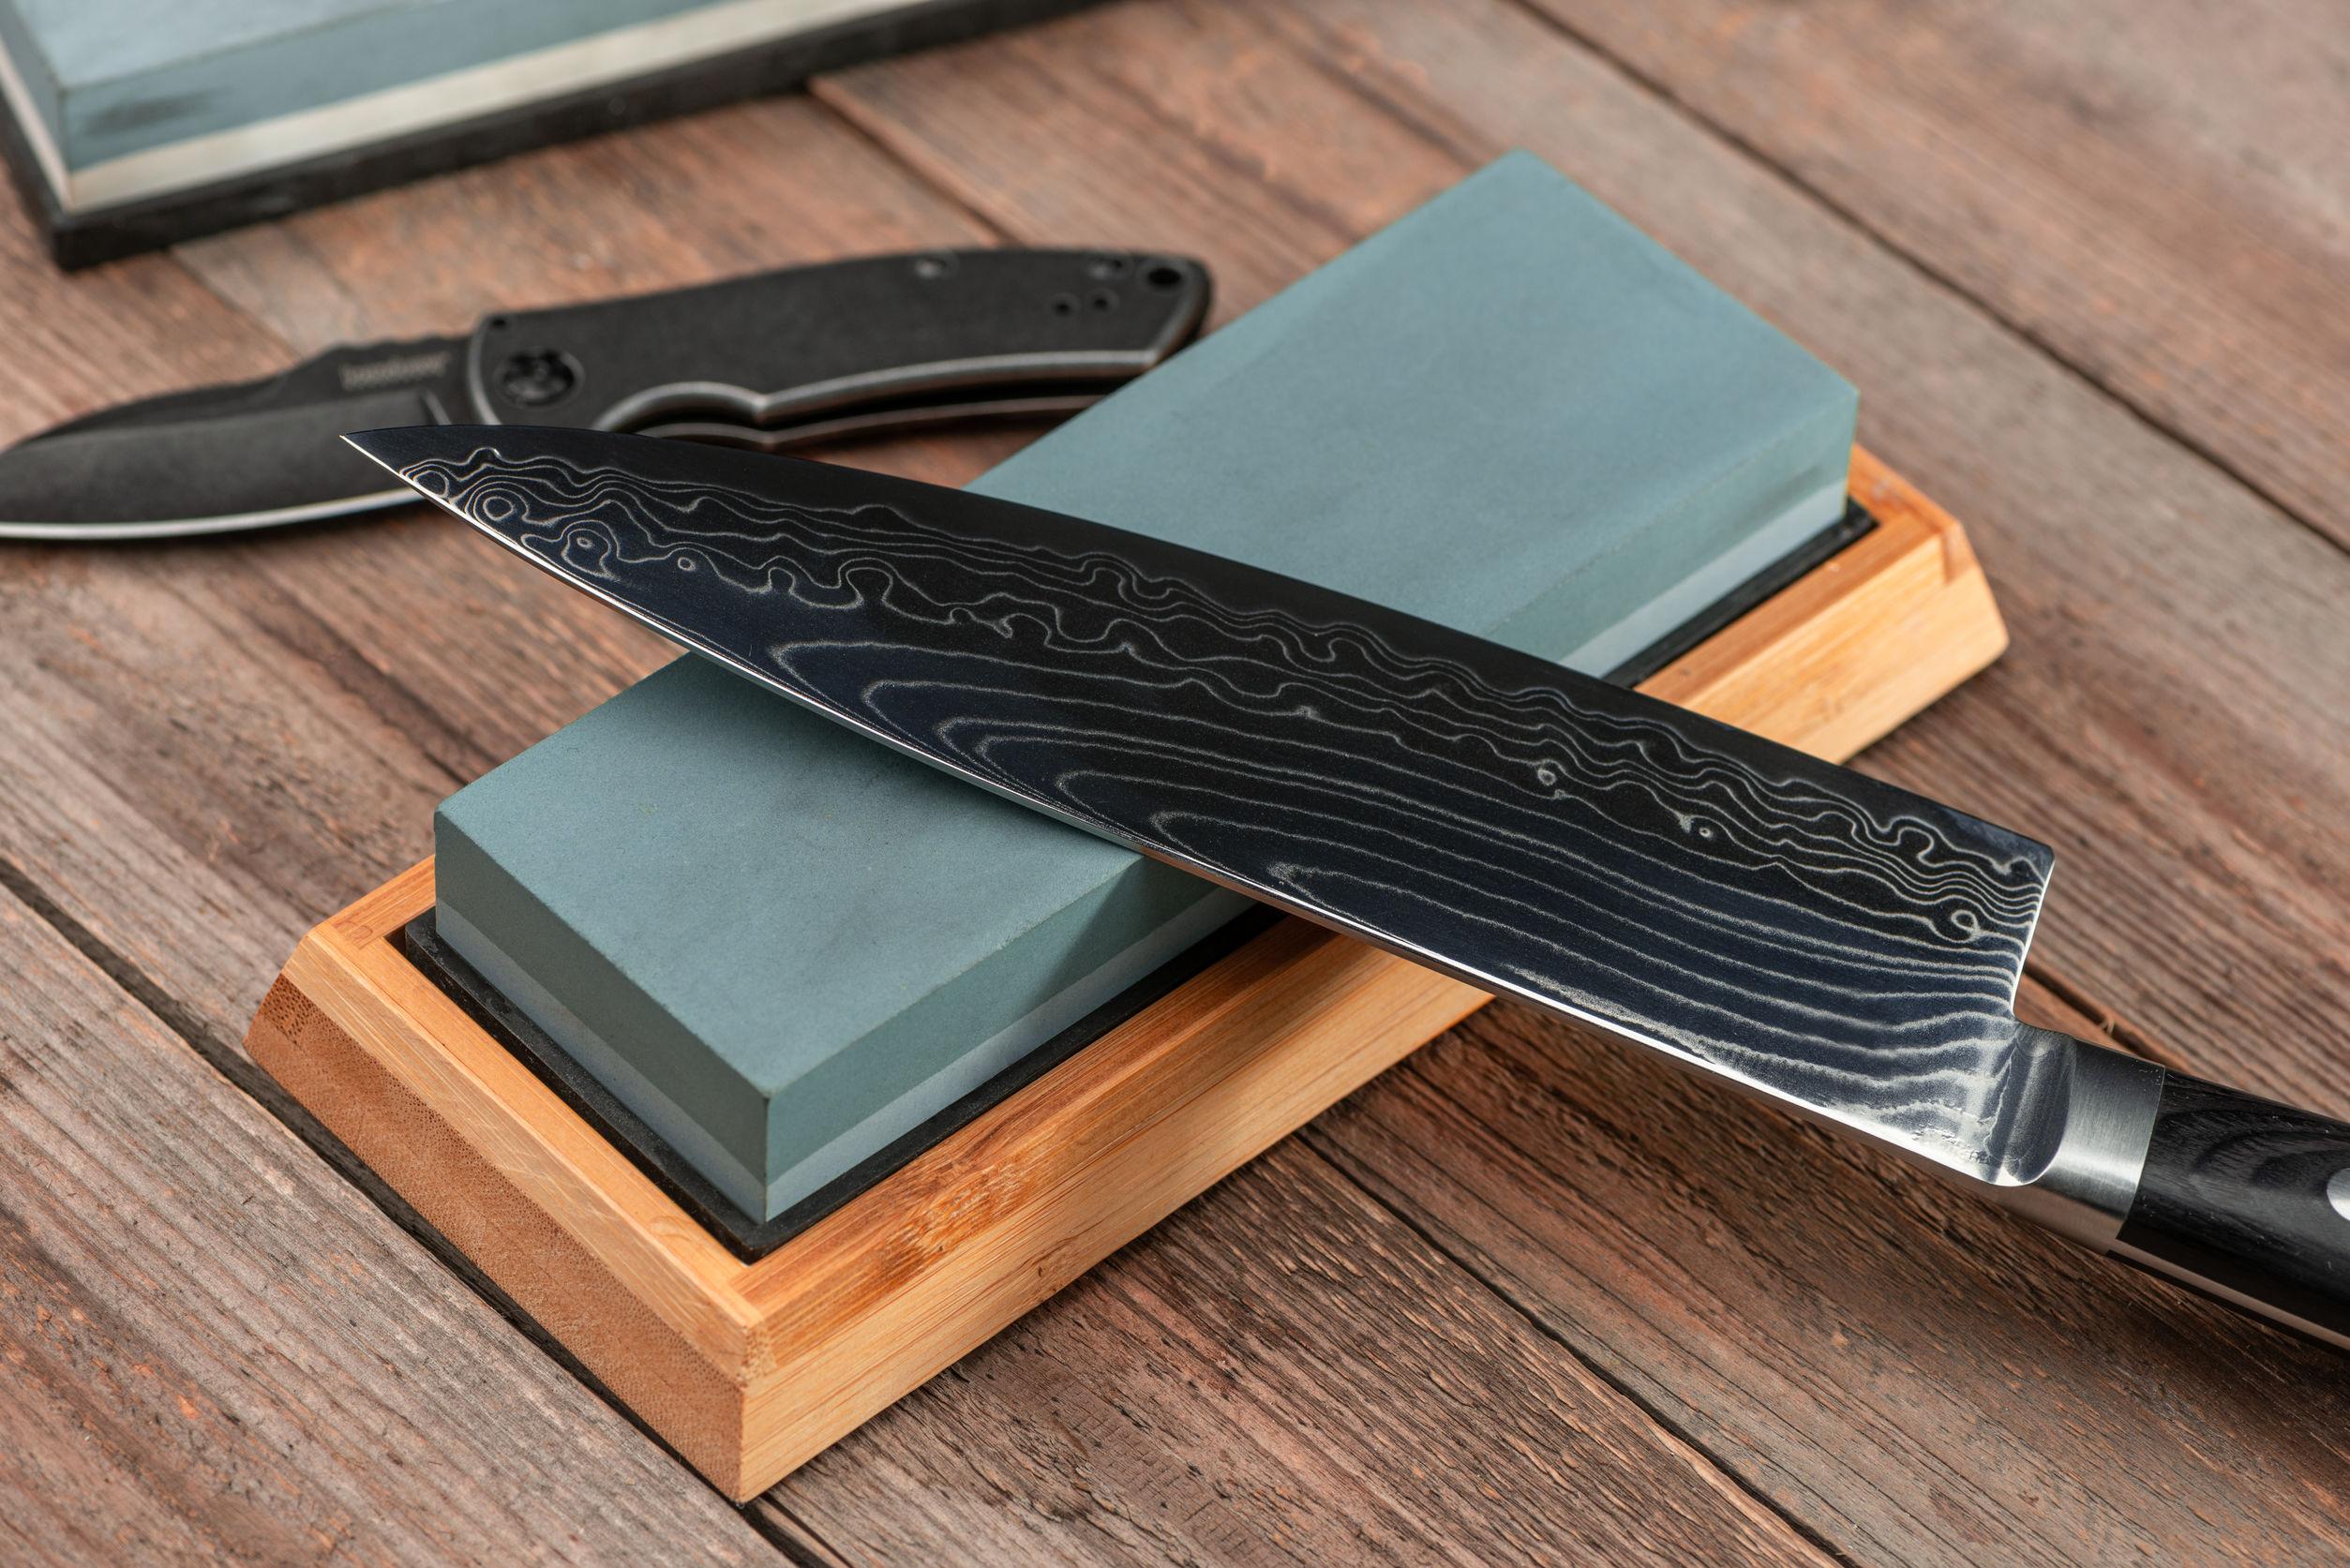 Cuchillos y herramientas de mantenimiento.